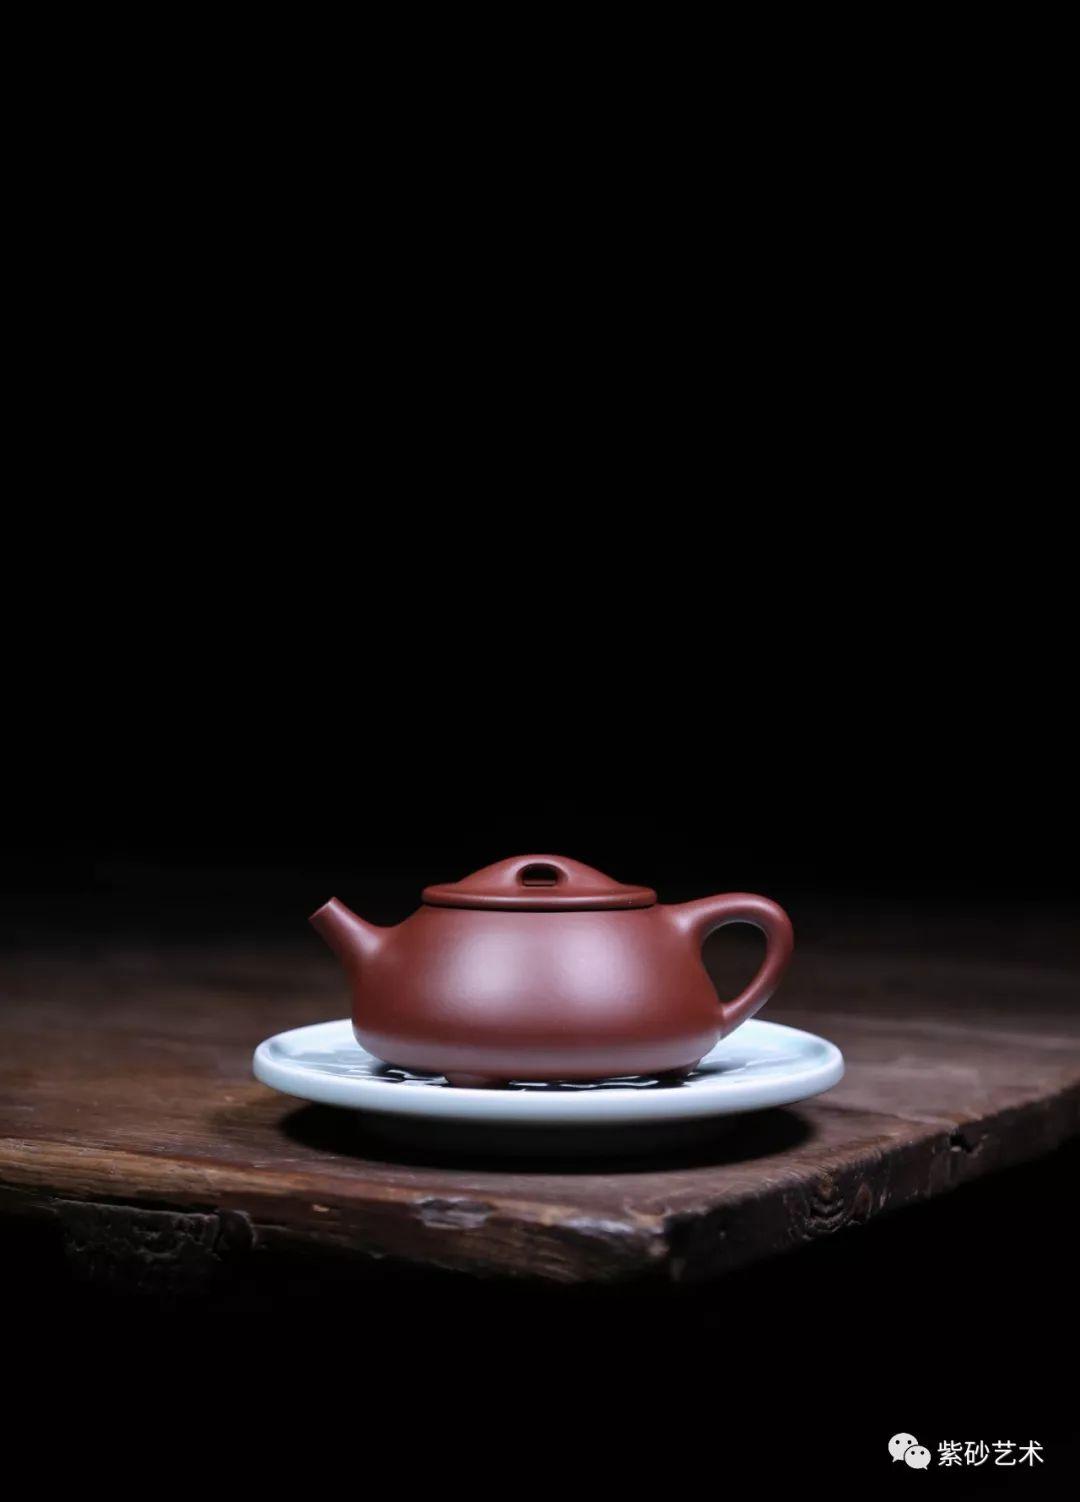 历史 正文  紫砂壶是泡茶名器,精品力作的紫砂壶,其材质,工艺,造型